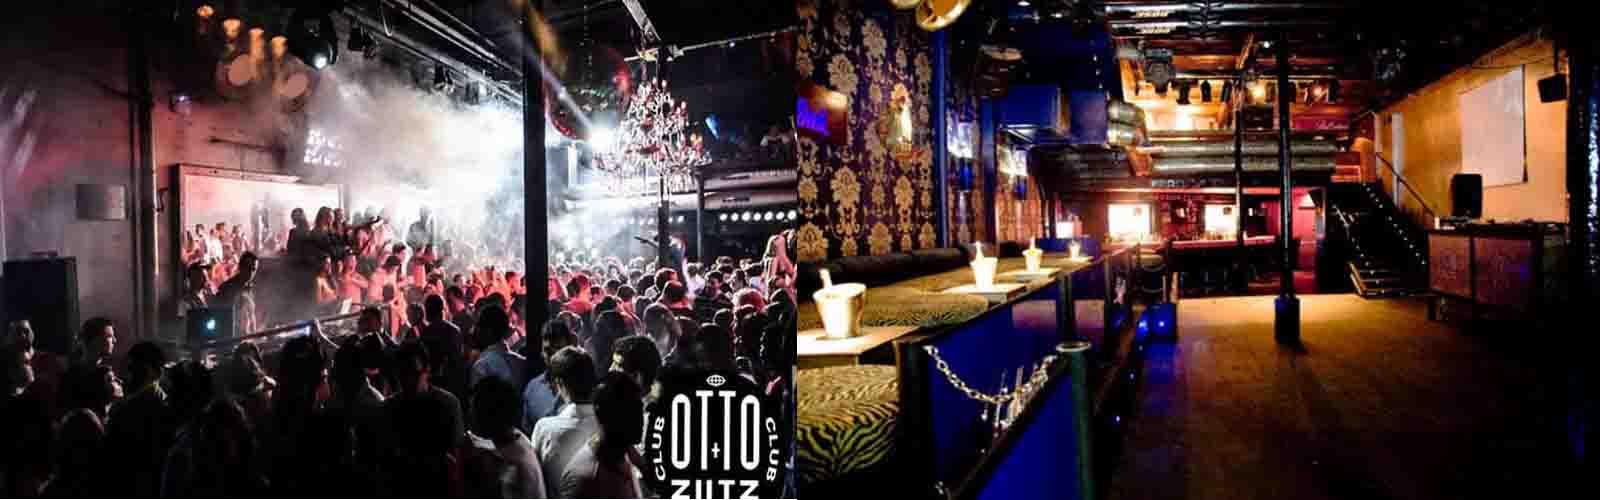 De laatste hits en lekkerste drankjes bij Nachtclub Otto Zutz